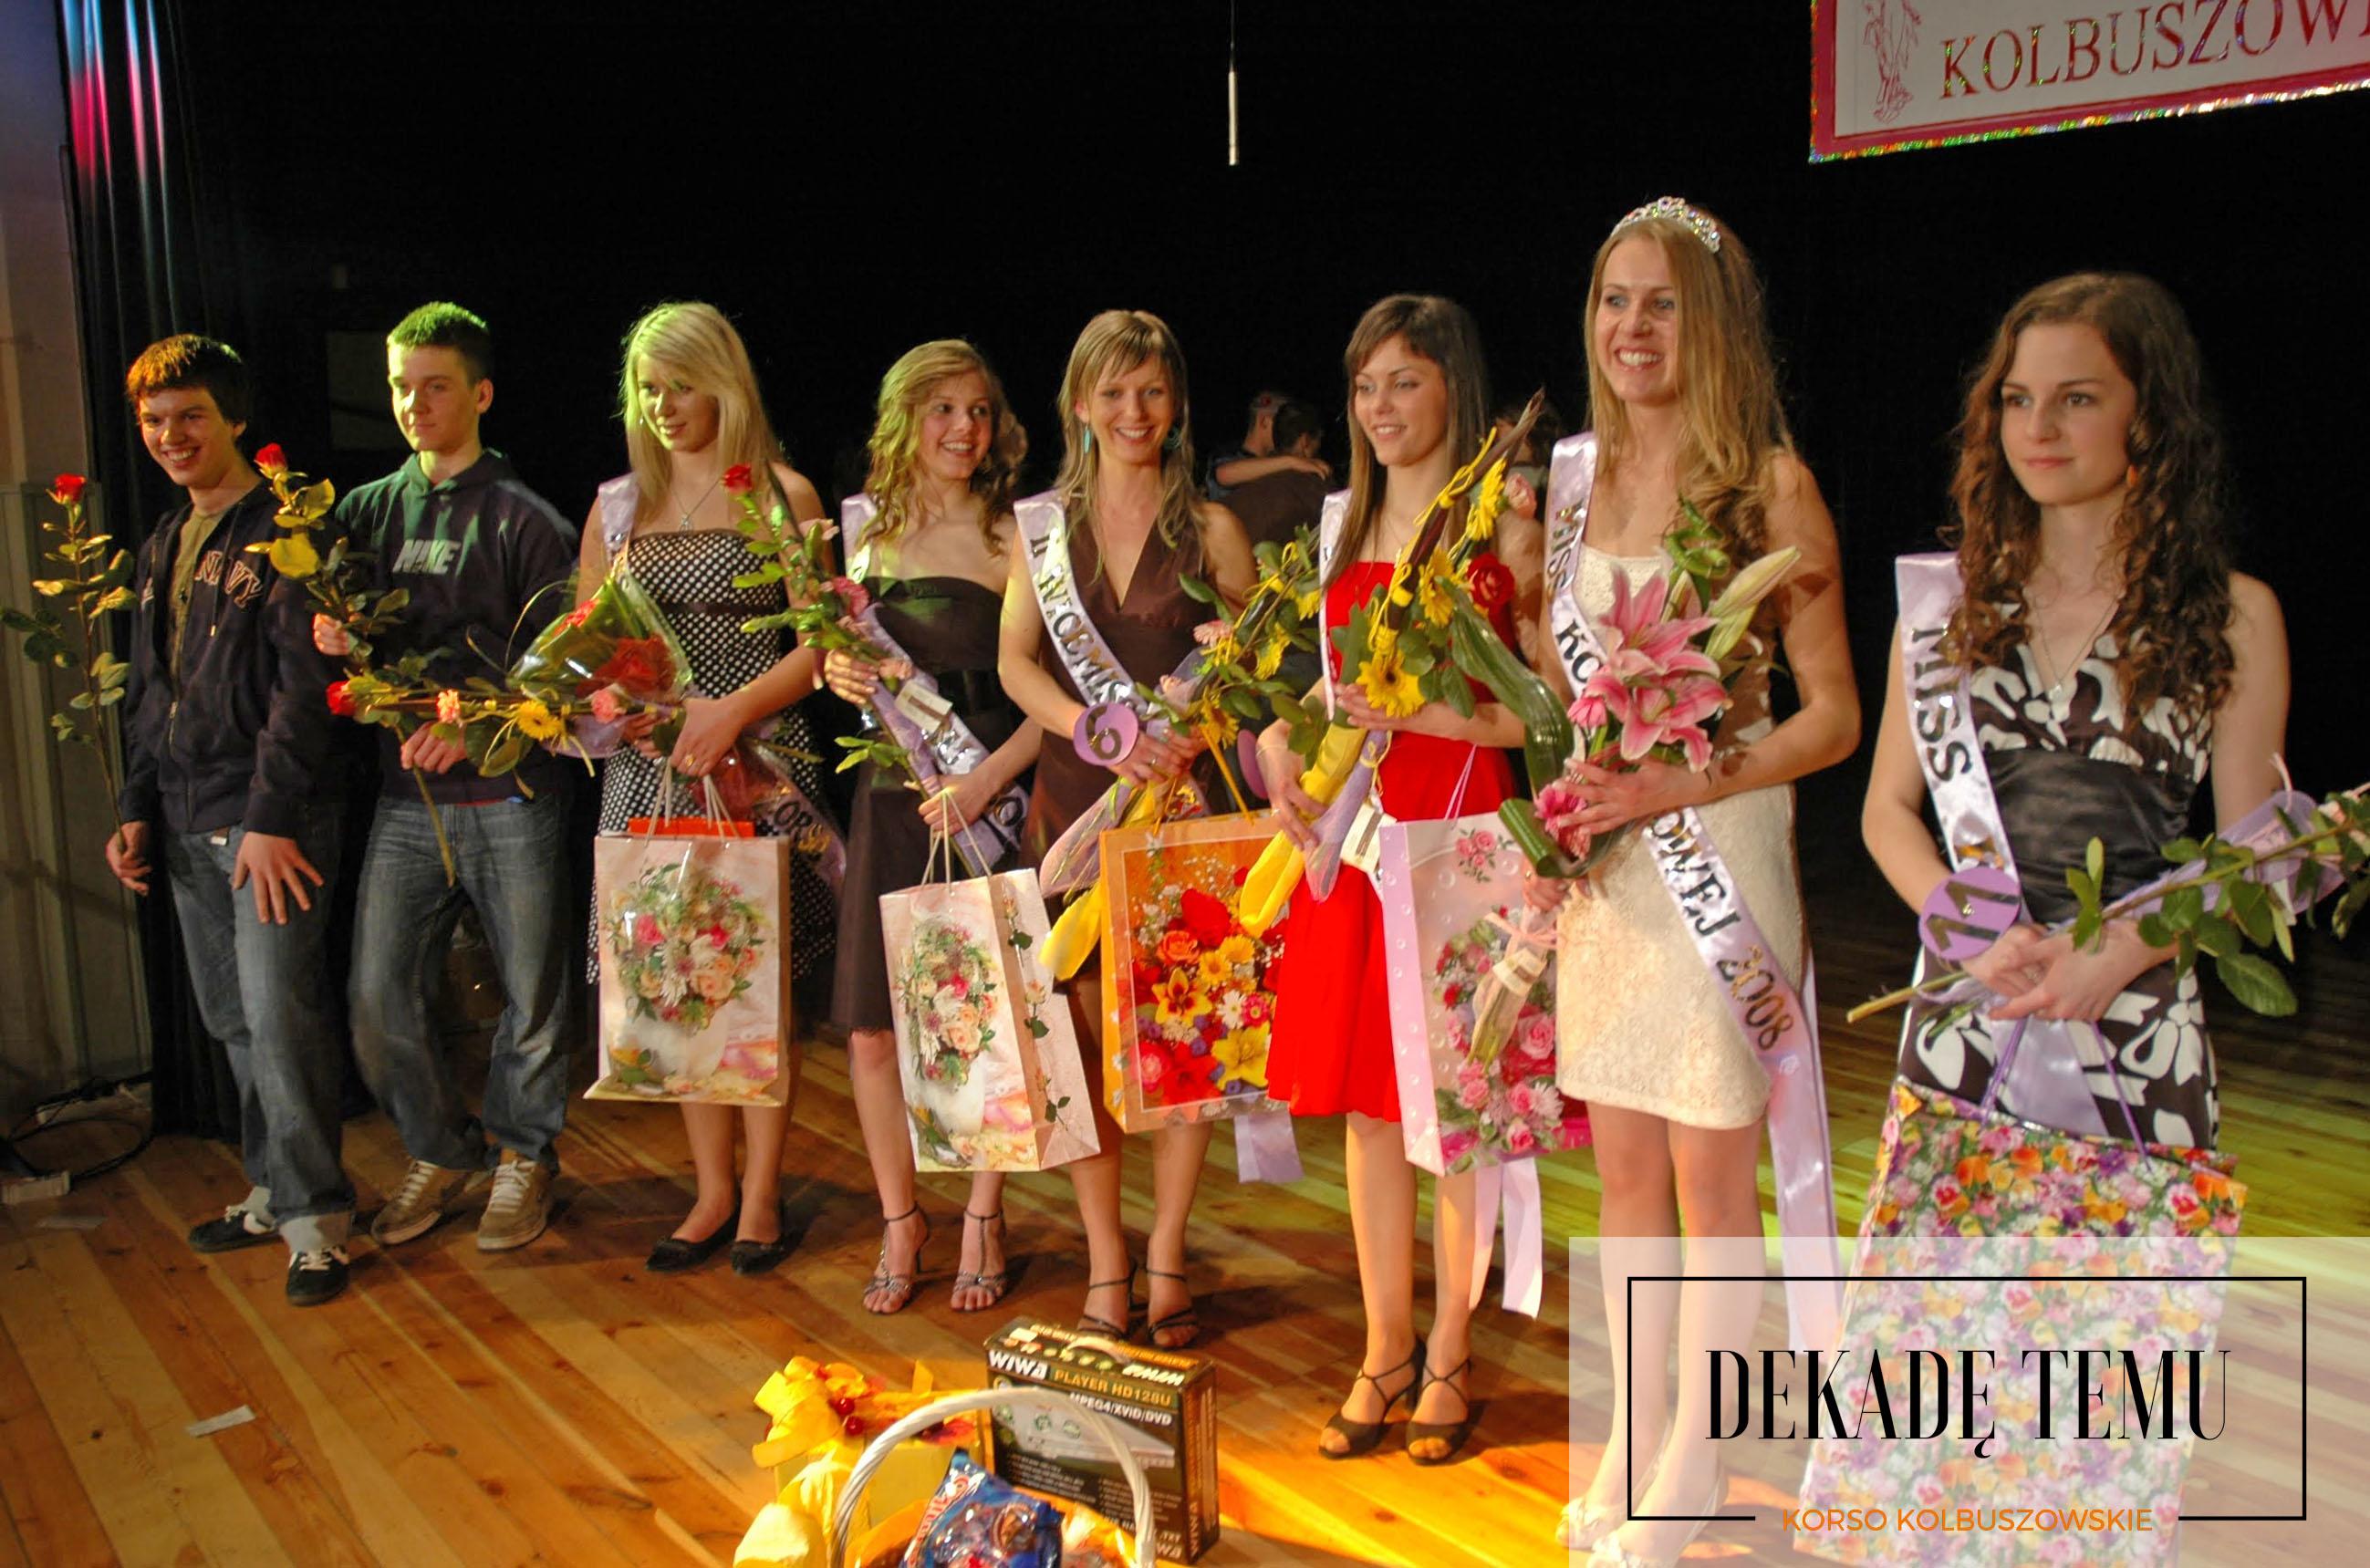 [DEKADĘ TEMU] Finał wyborów Miss Kolbuszowej 2008 - Zdjęcie główne